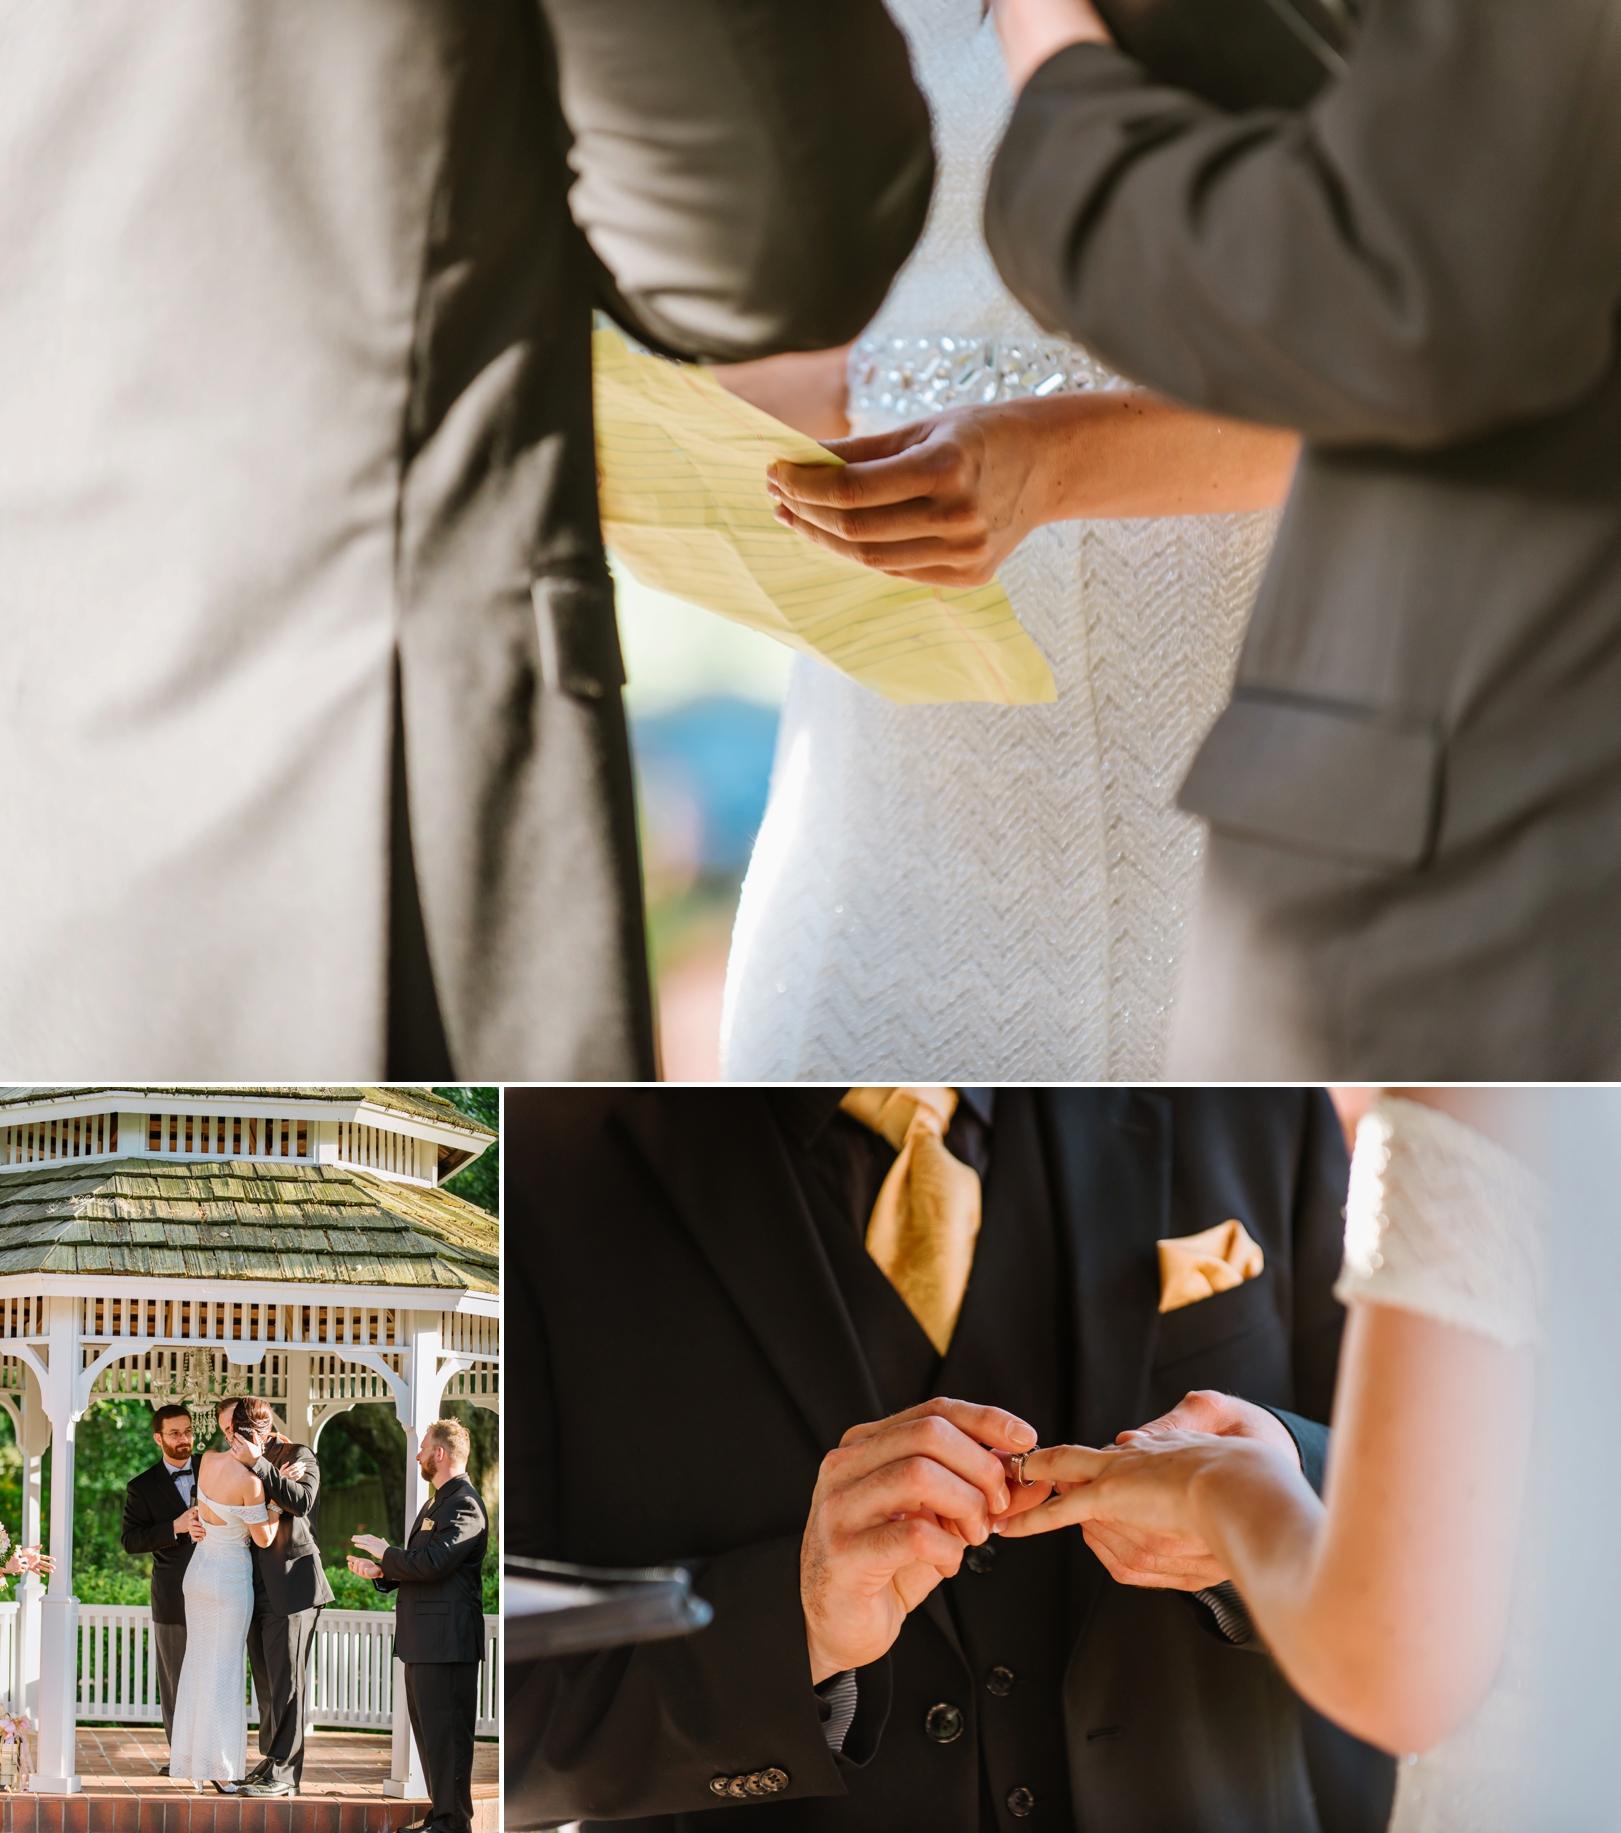 ashlee-hamon-photography-tampa-rustic-outdoor-traditional-wedding_0007.jpg